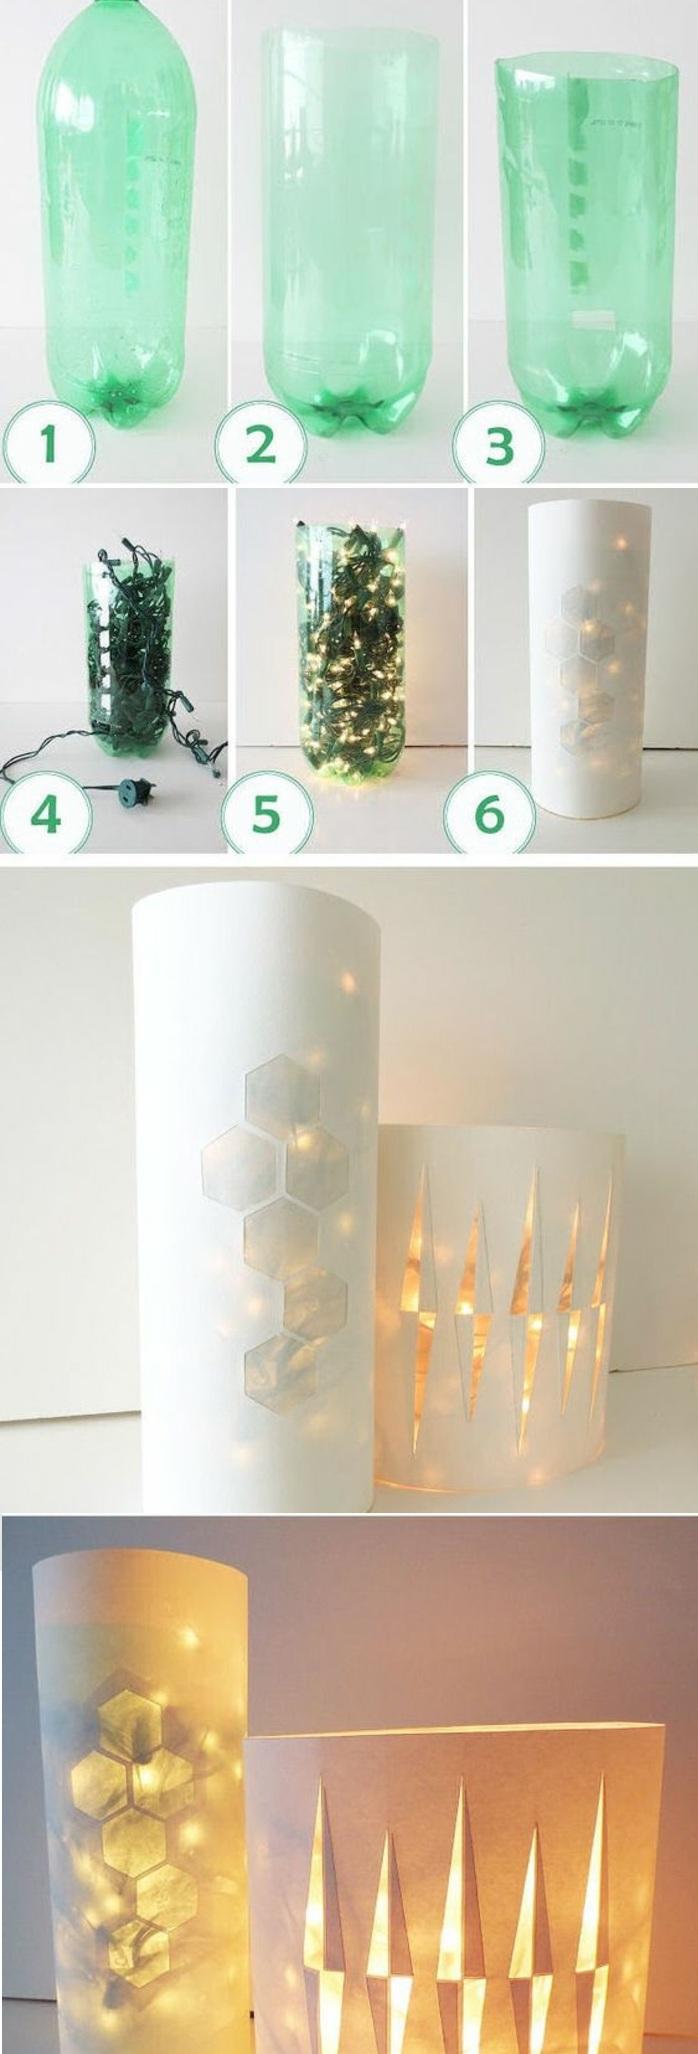 grüne plastikflasche, weihnachtslampen, weißes papier